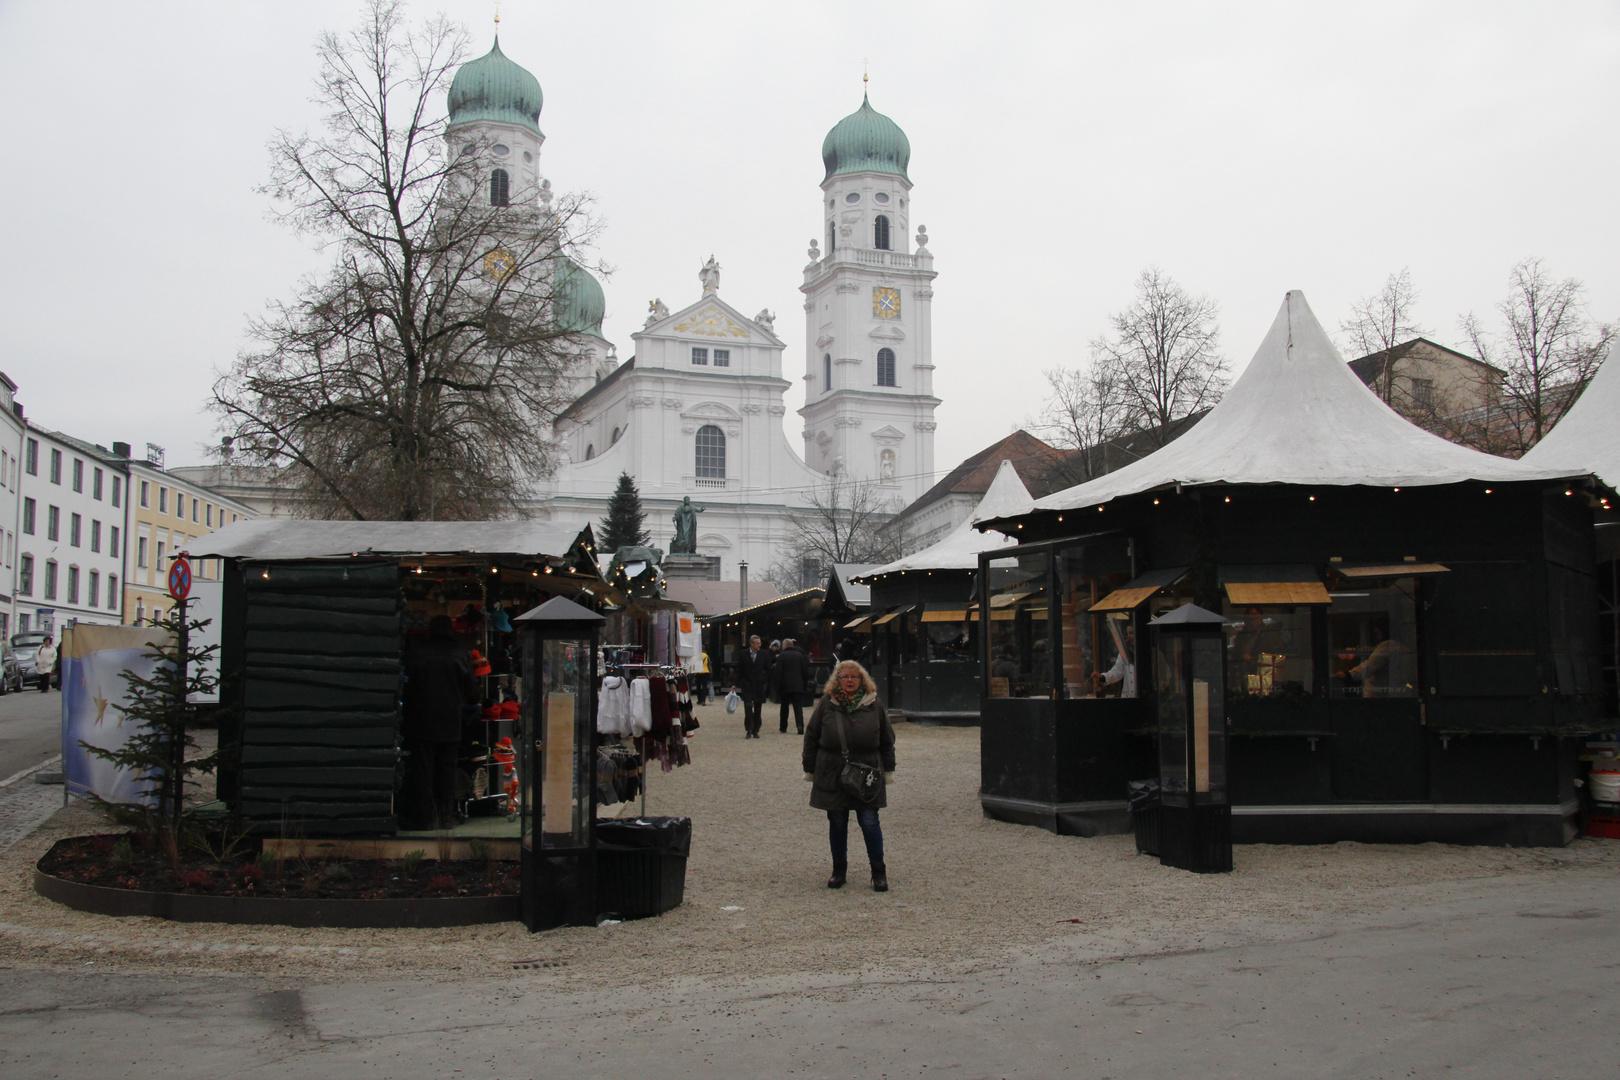 Weihnachtsmarkt Passau